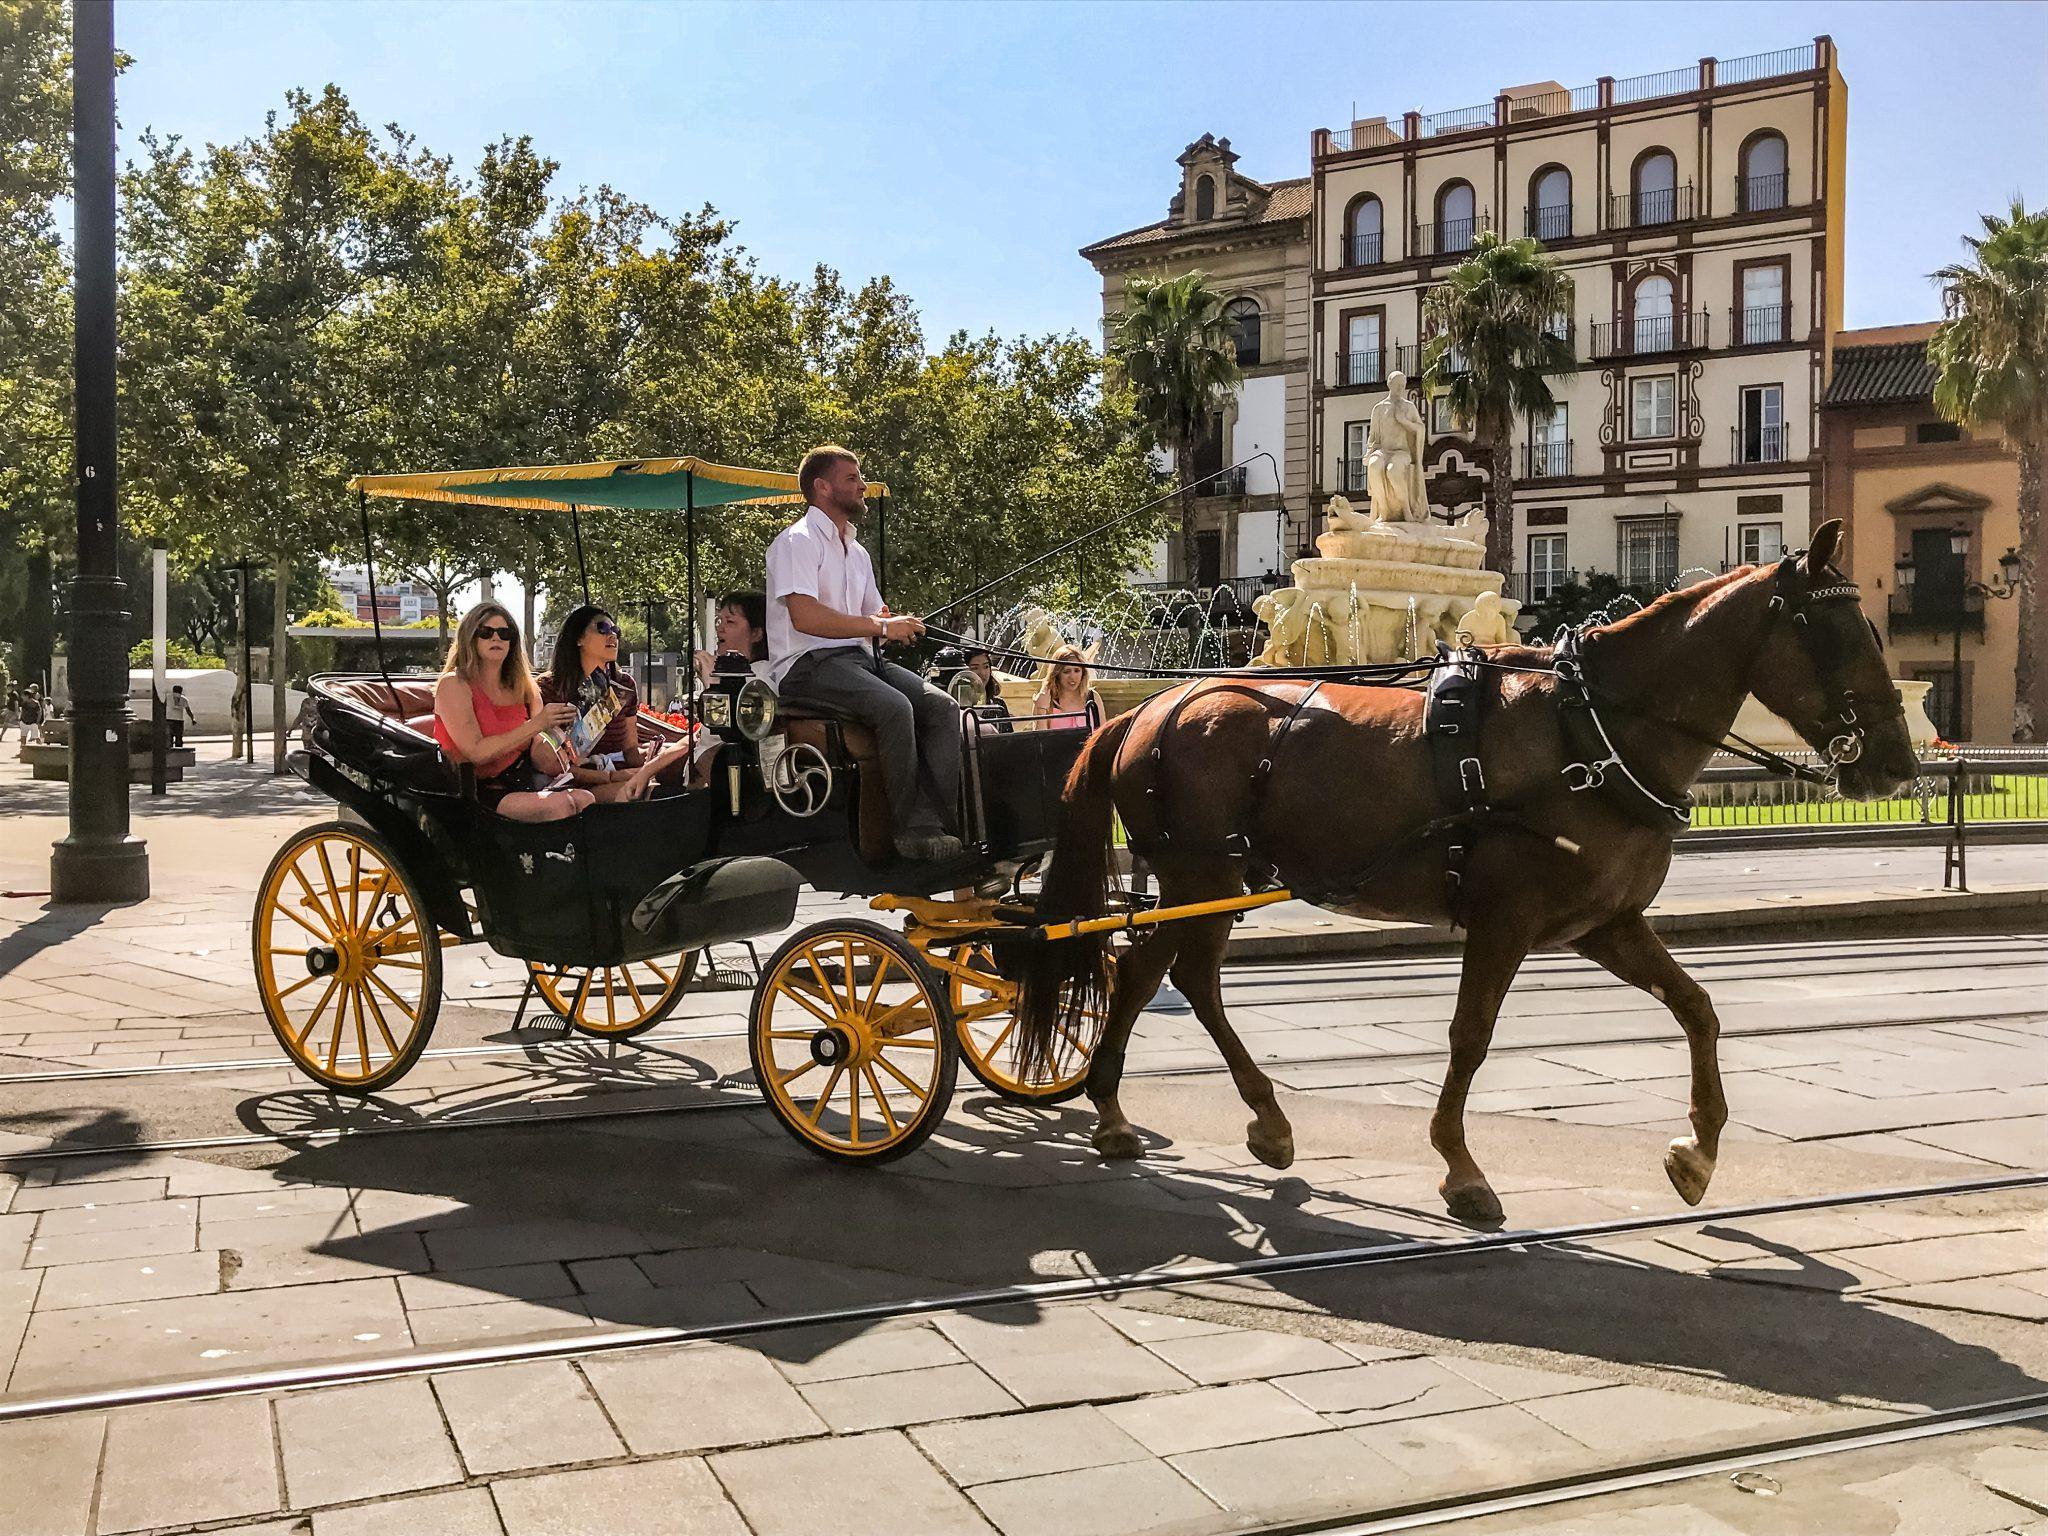 Die Kutschen in Sevilla sind ein sehr teures und beliebtes Verkehrsmittel für Touristen.